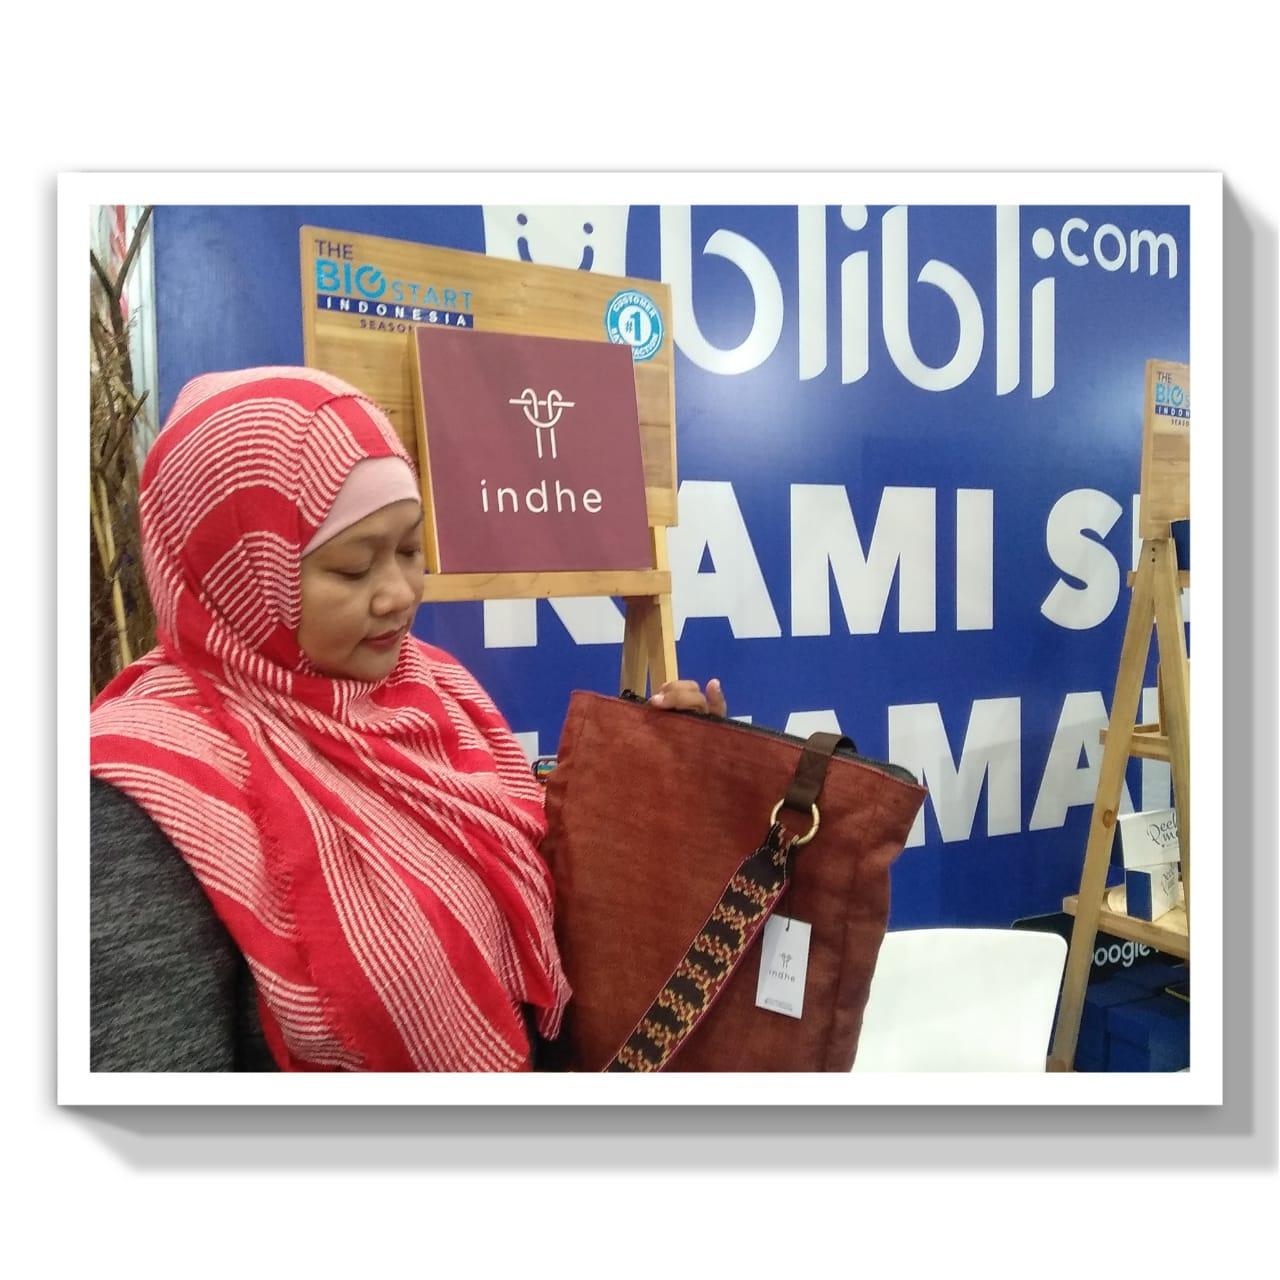 Banyak produk UMKM yang di pamerkan di Pasar IdEA